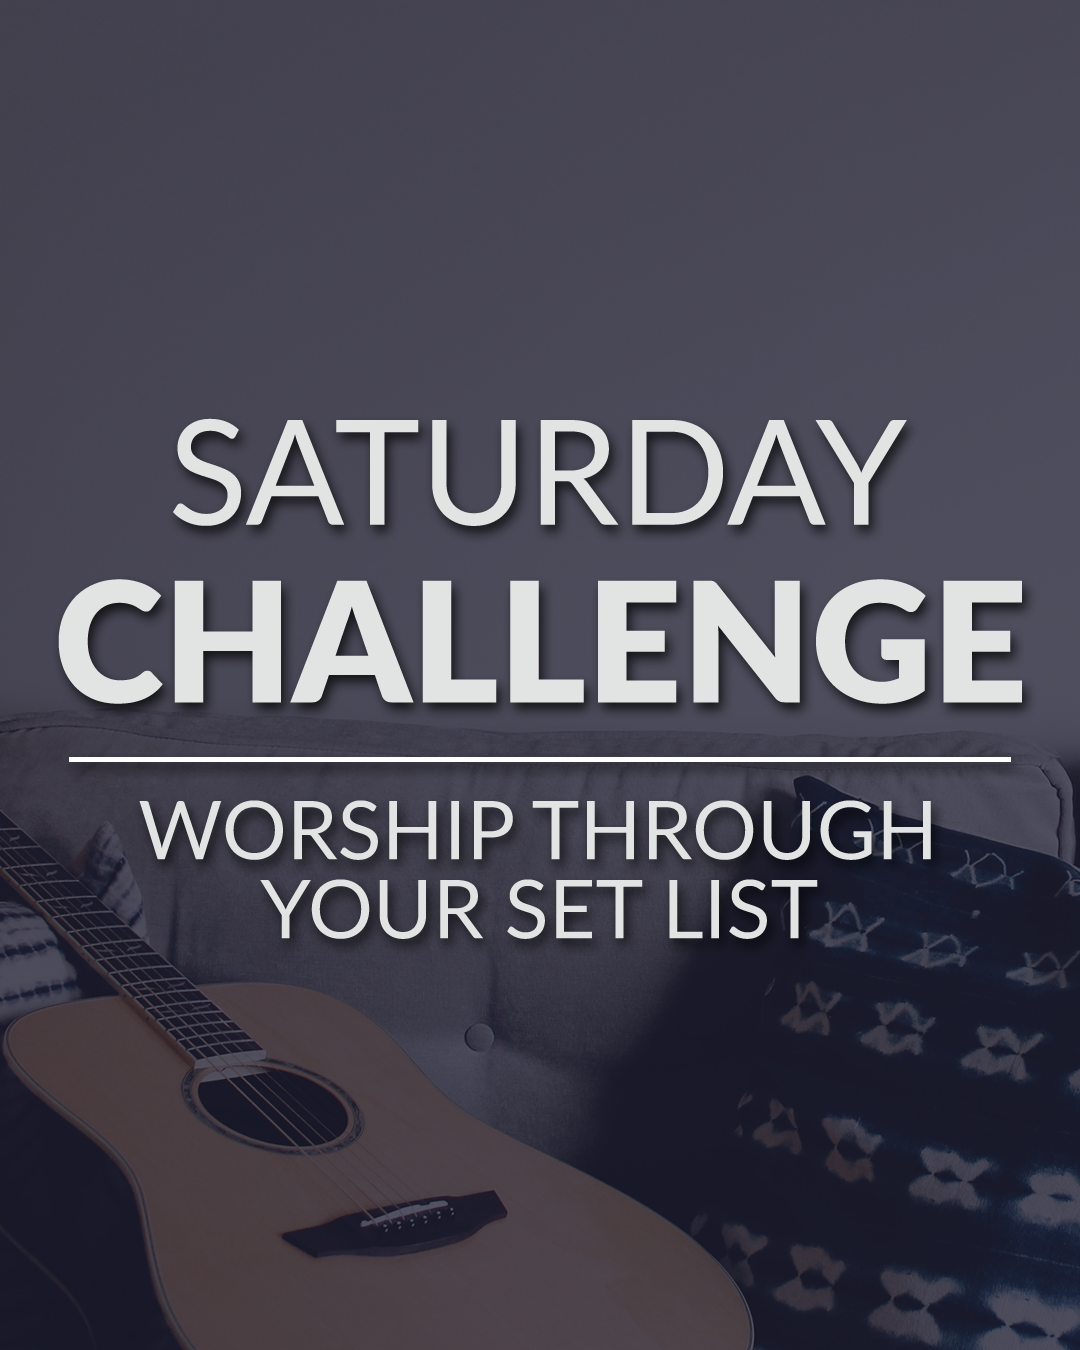 Saturday Challenge - Worship Through Your Set List